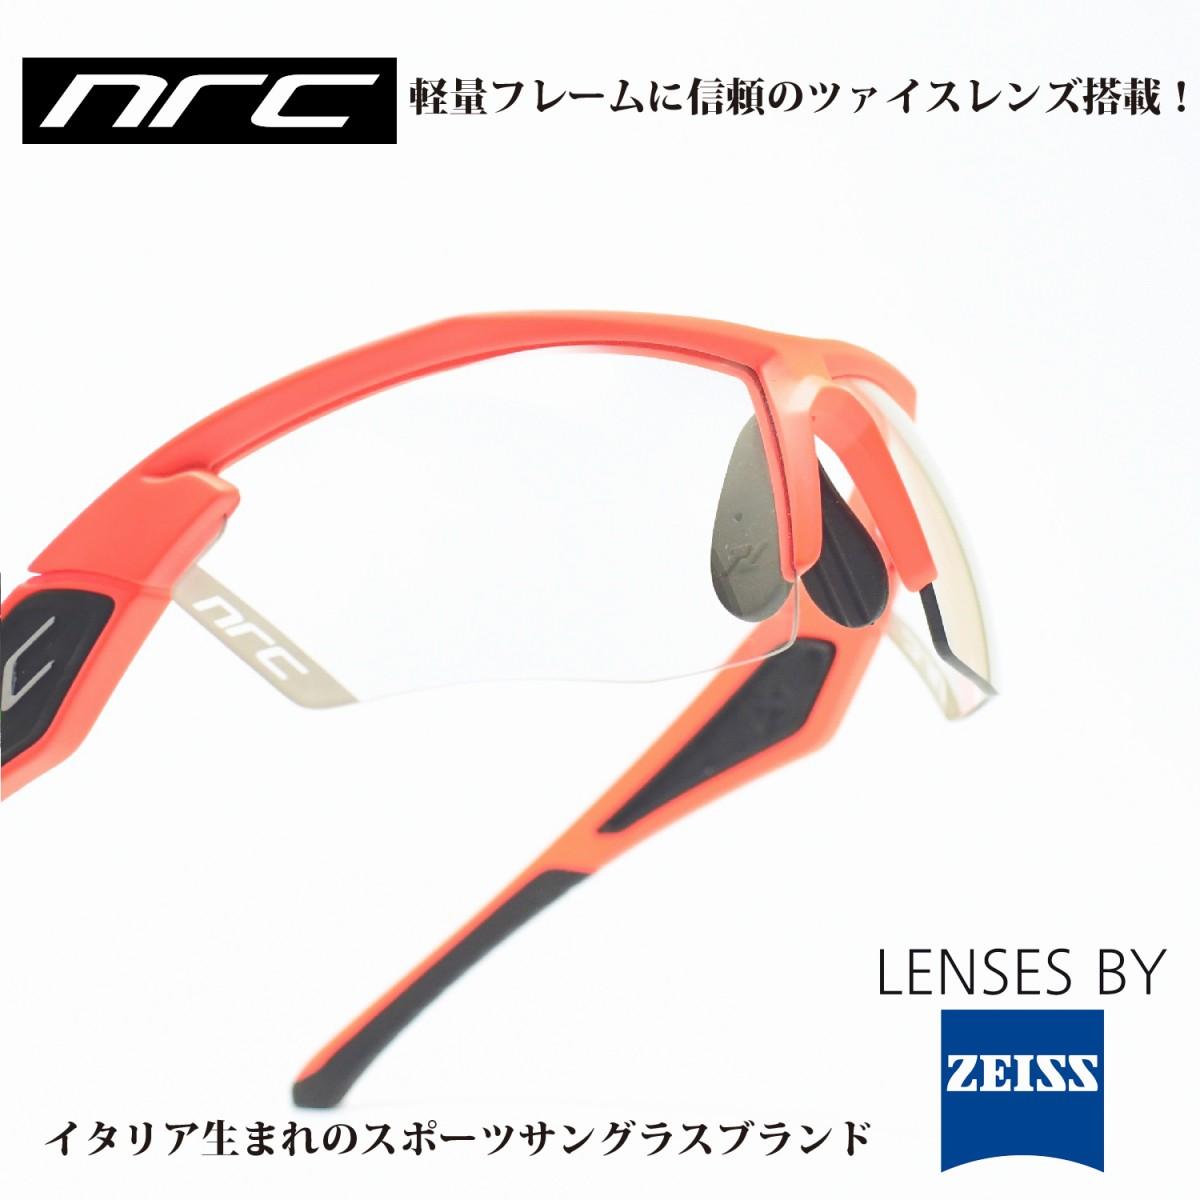 nrc エヌアールシー X5BLACKSHADOW/CLEAR GRAY 調光レンズメガネ 眼鏡 めがね メンズ レディース おしゃれ ブランド人気 おすすめ フレーム 流行り 度付き レンズ サングラス